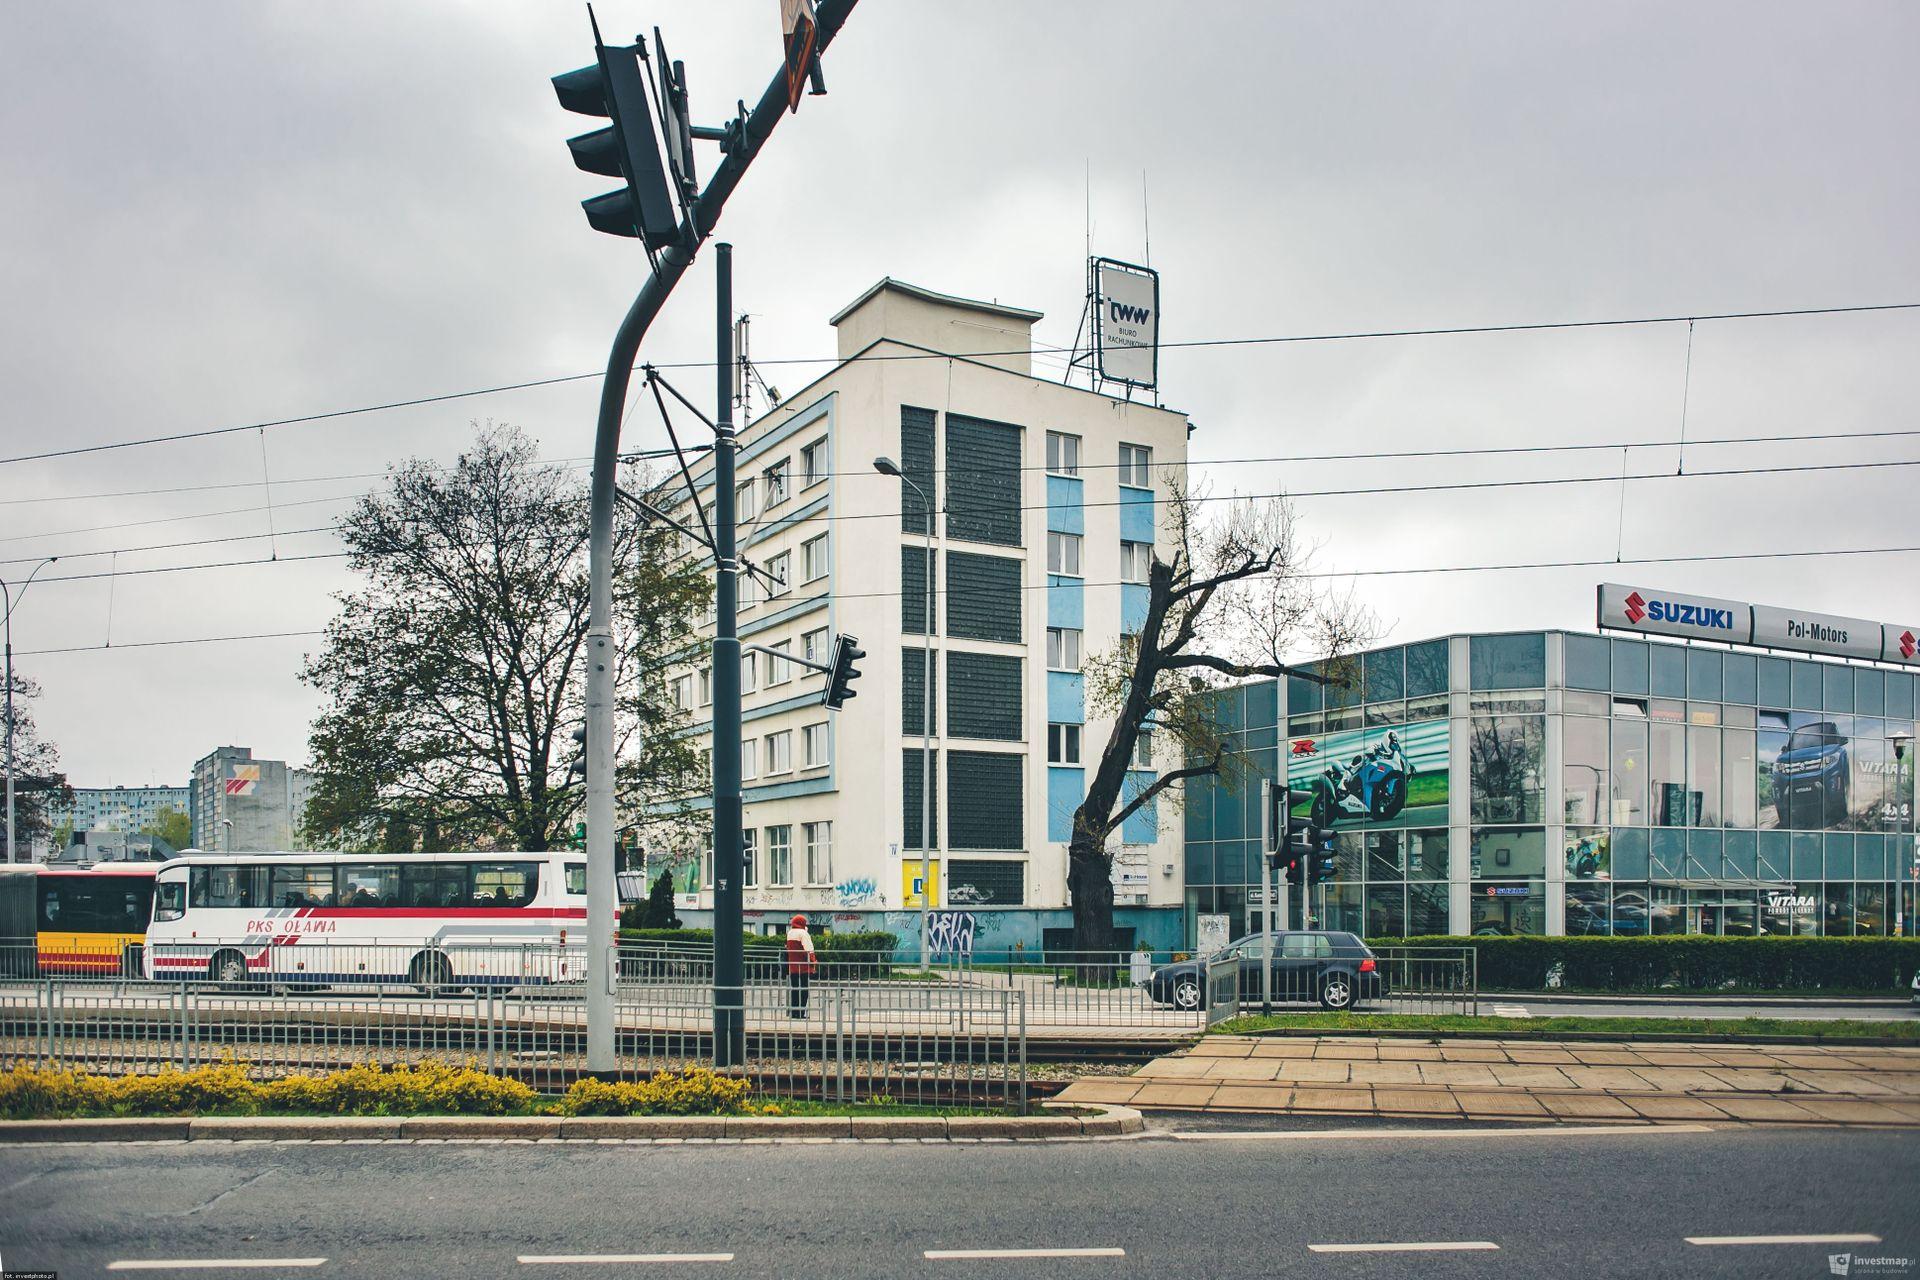 [Wrocław] LC Corp szykuje się do inwestycji przy Kamiennej. Powstanie tam ponad 400 mieszkań